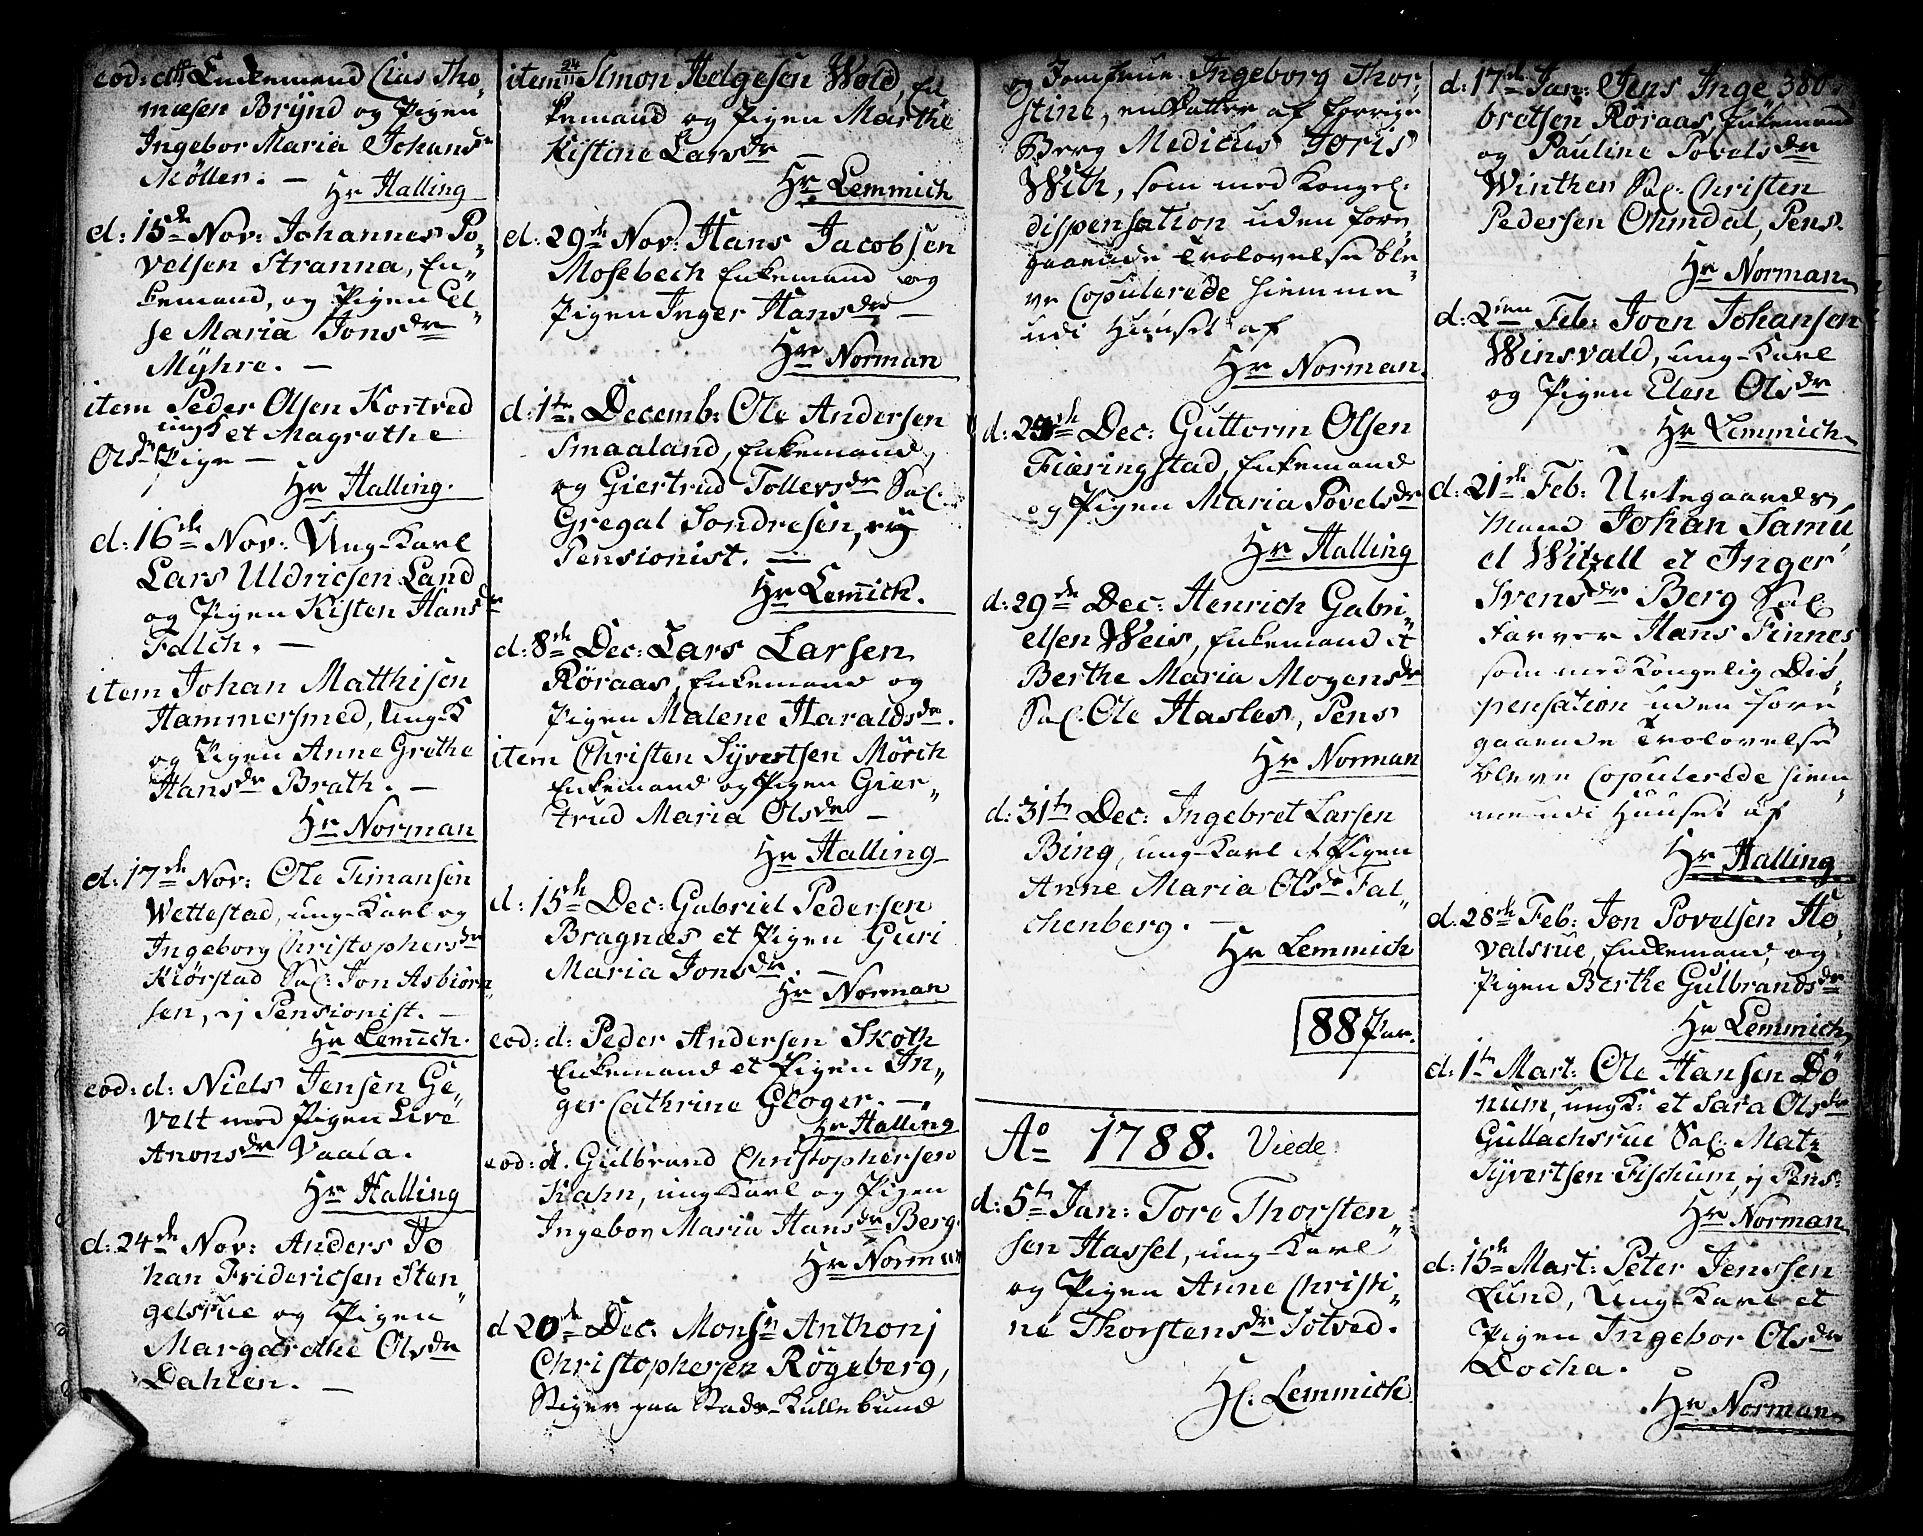 SAKO, Kongsberg kirkebøker, F/Fa/L0006: Ministerialbok nr. I 6, 1783-1797, s. 380